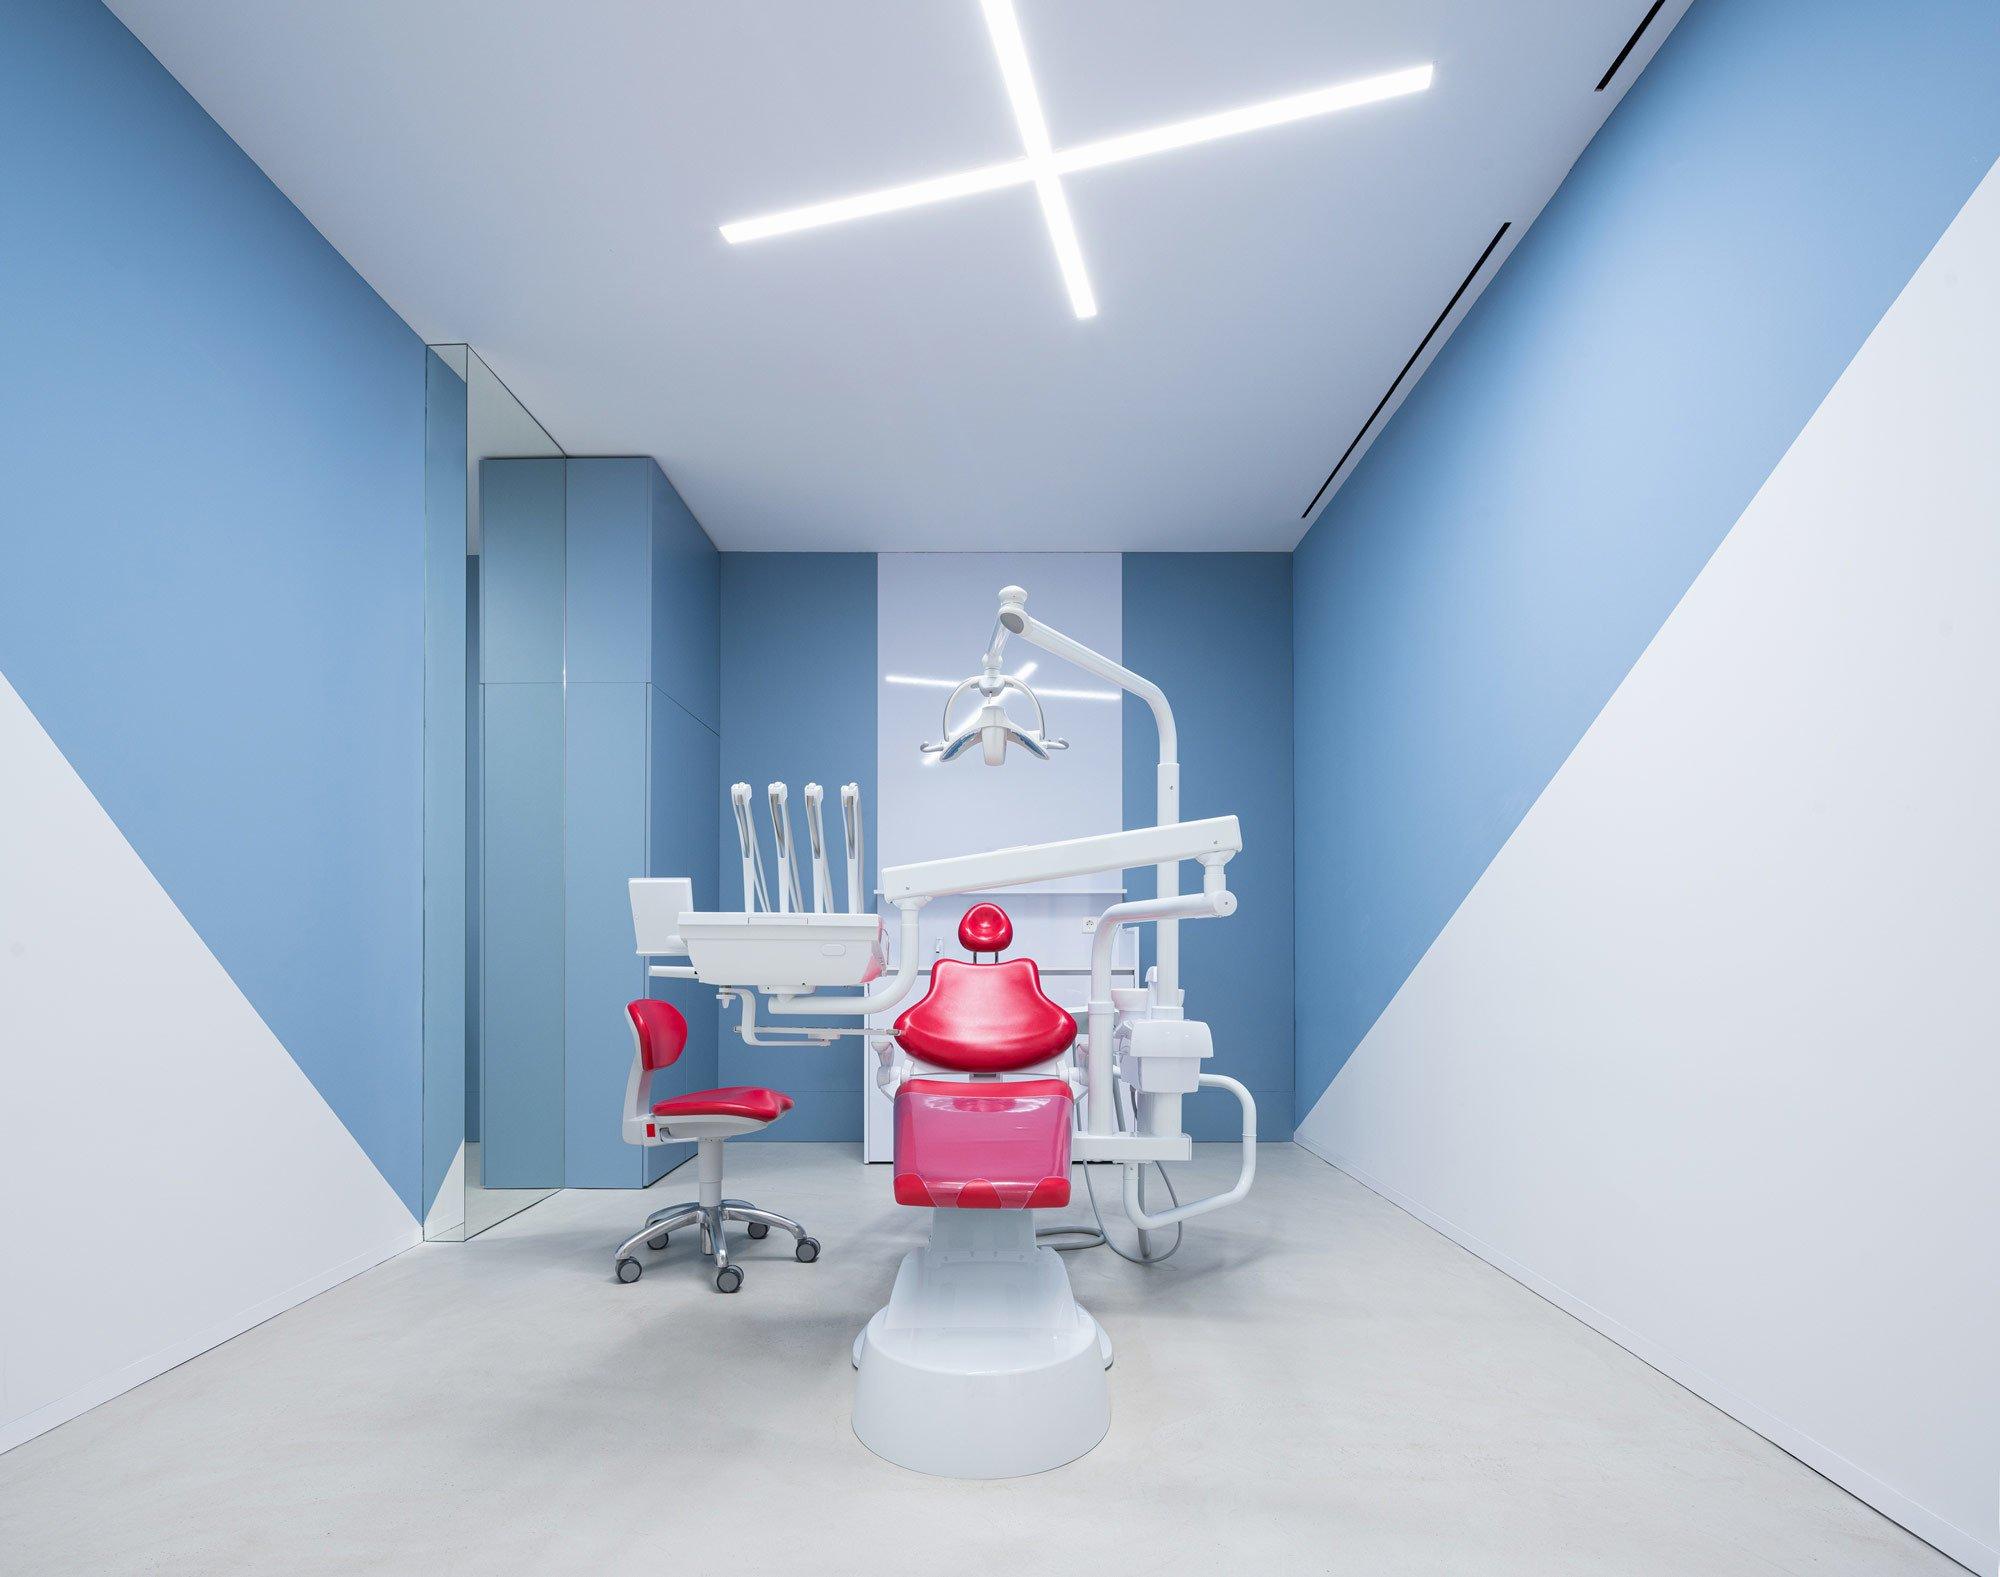 Diagonale Streifen an den Wänden der Behandlungsräume bringen das Blau aus der CI in die Architektur.